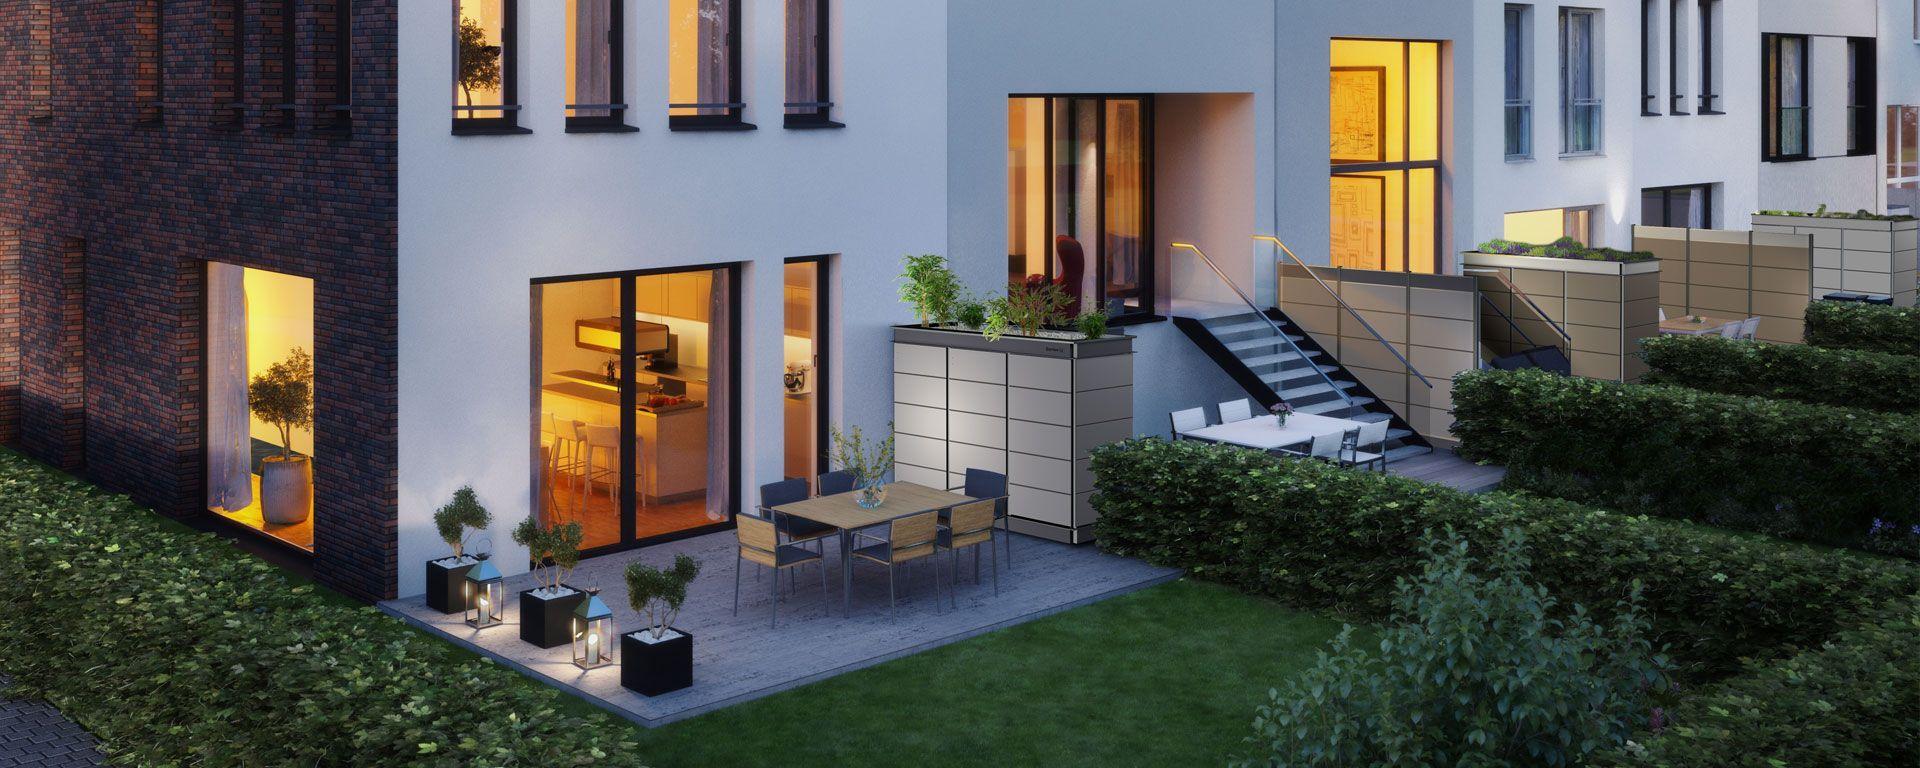 Sichtschutz Mit Integriertem Stauraum Als Terrassentrenner Fur